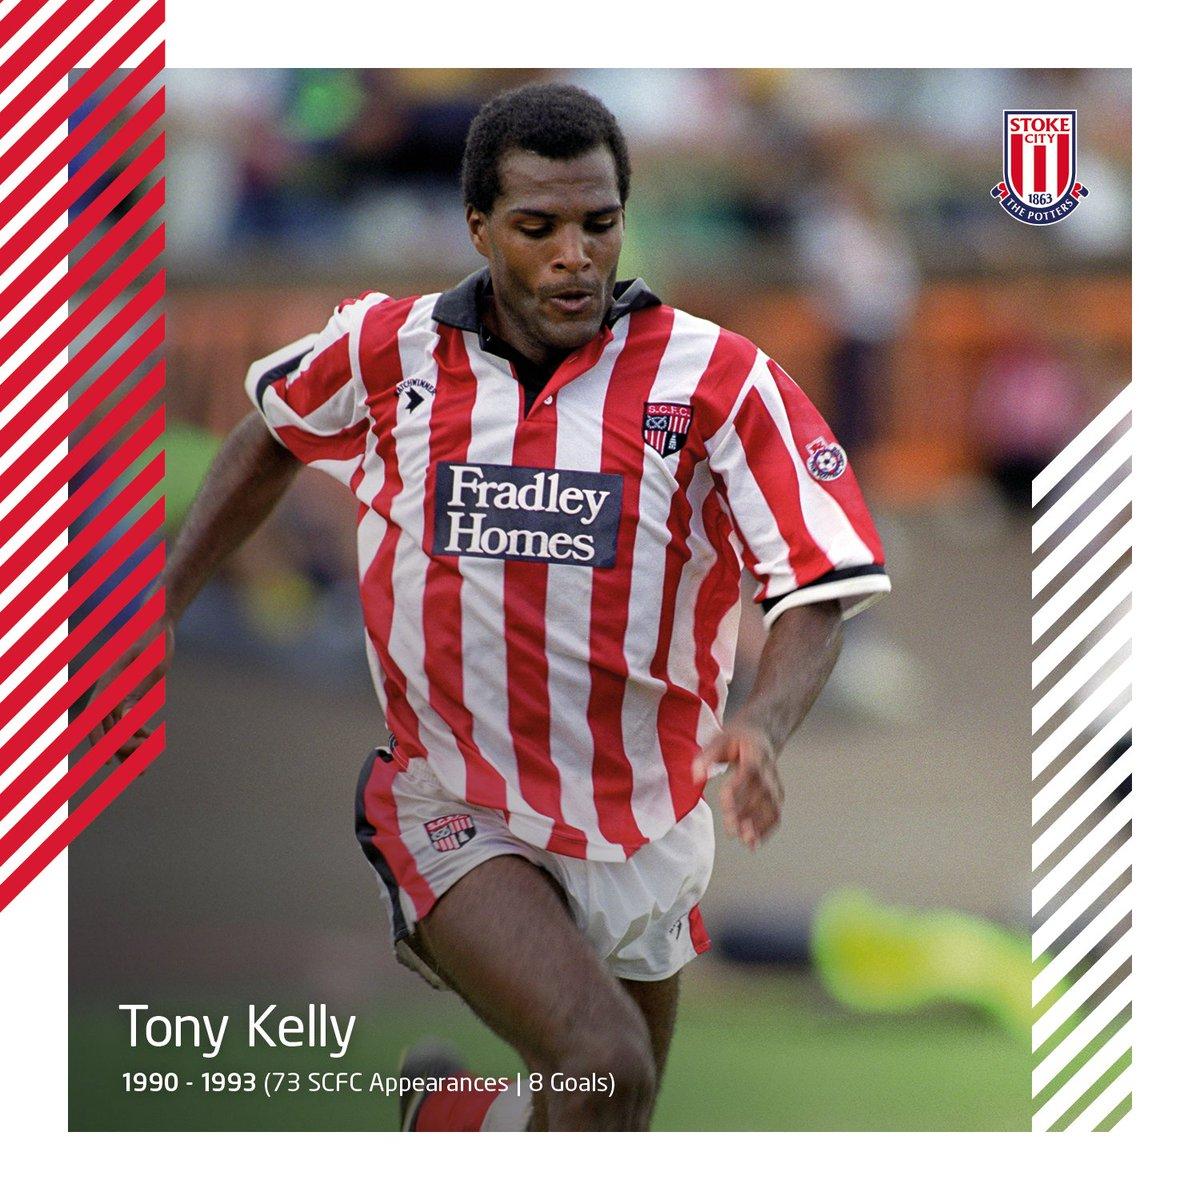 """Stoke City FC on Twitter: """"Many happy returns to Tony Kelly! 🎂 #SCFC 🔴⚪️…  """""""